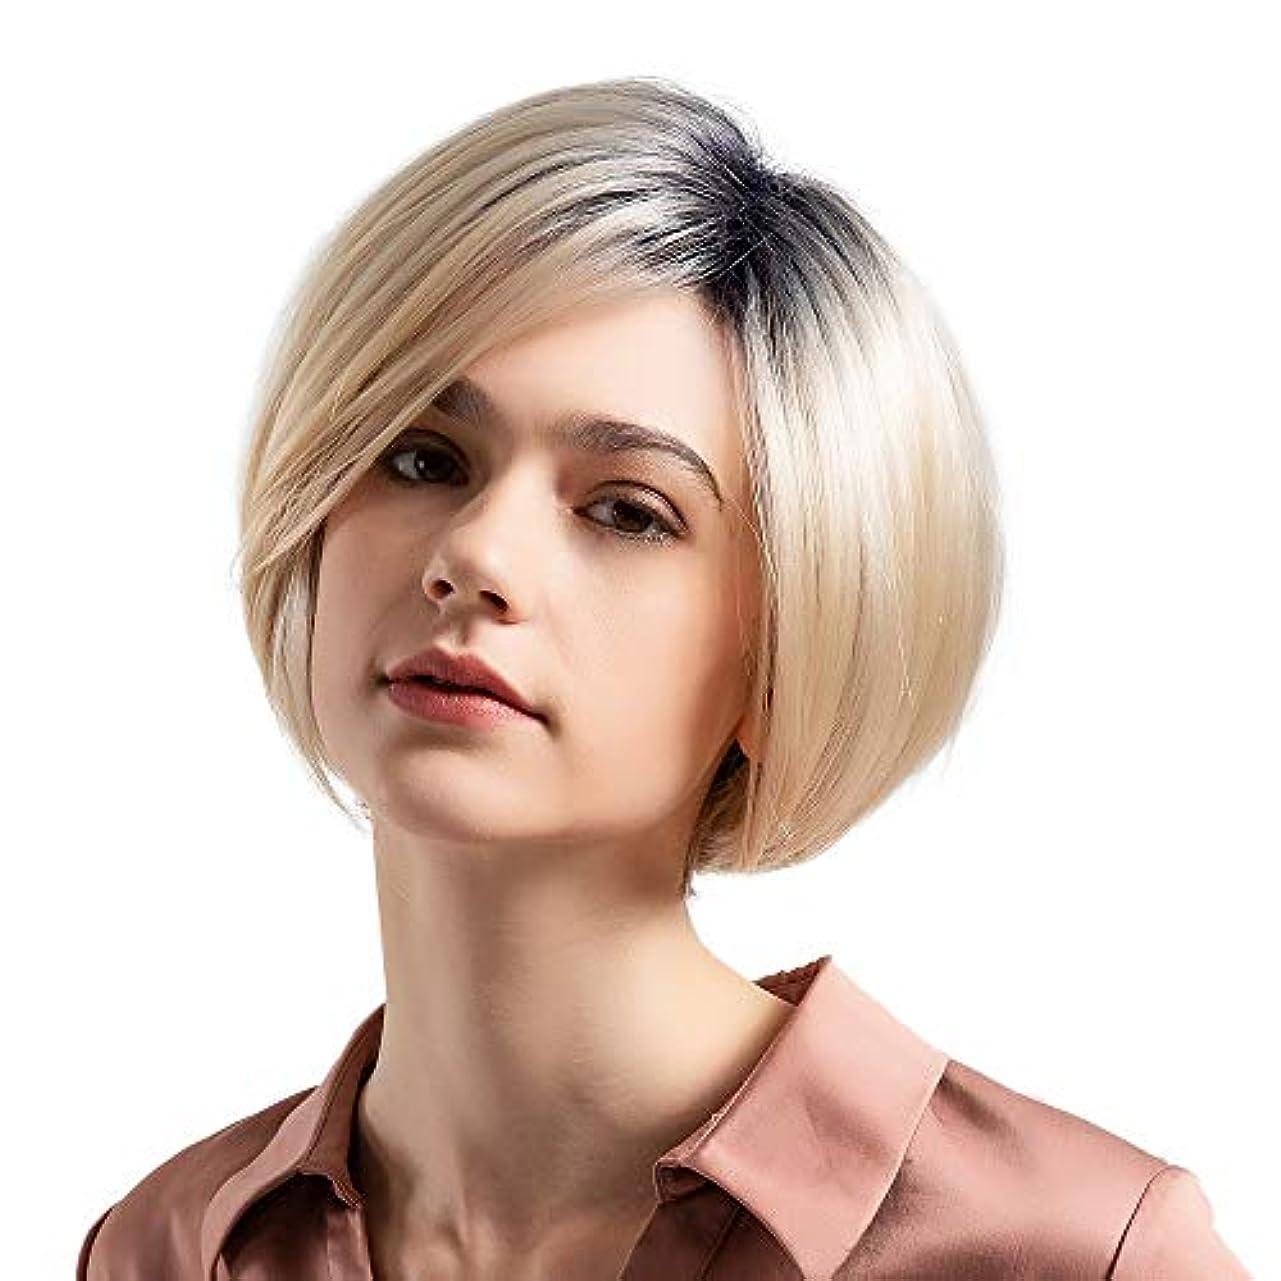 喉が渇いた菊司令官ウィッグショートボブストレートヘア50%リアルヘアウィッグ女性のファッショングラデーションウィッグ